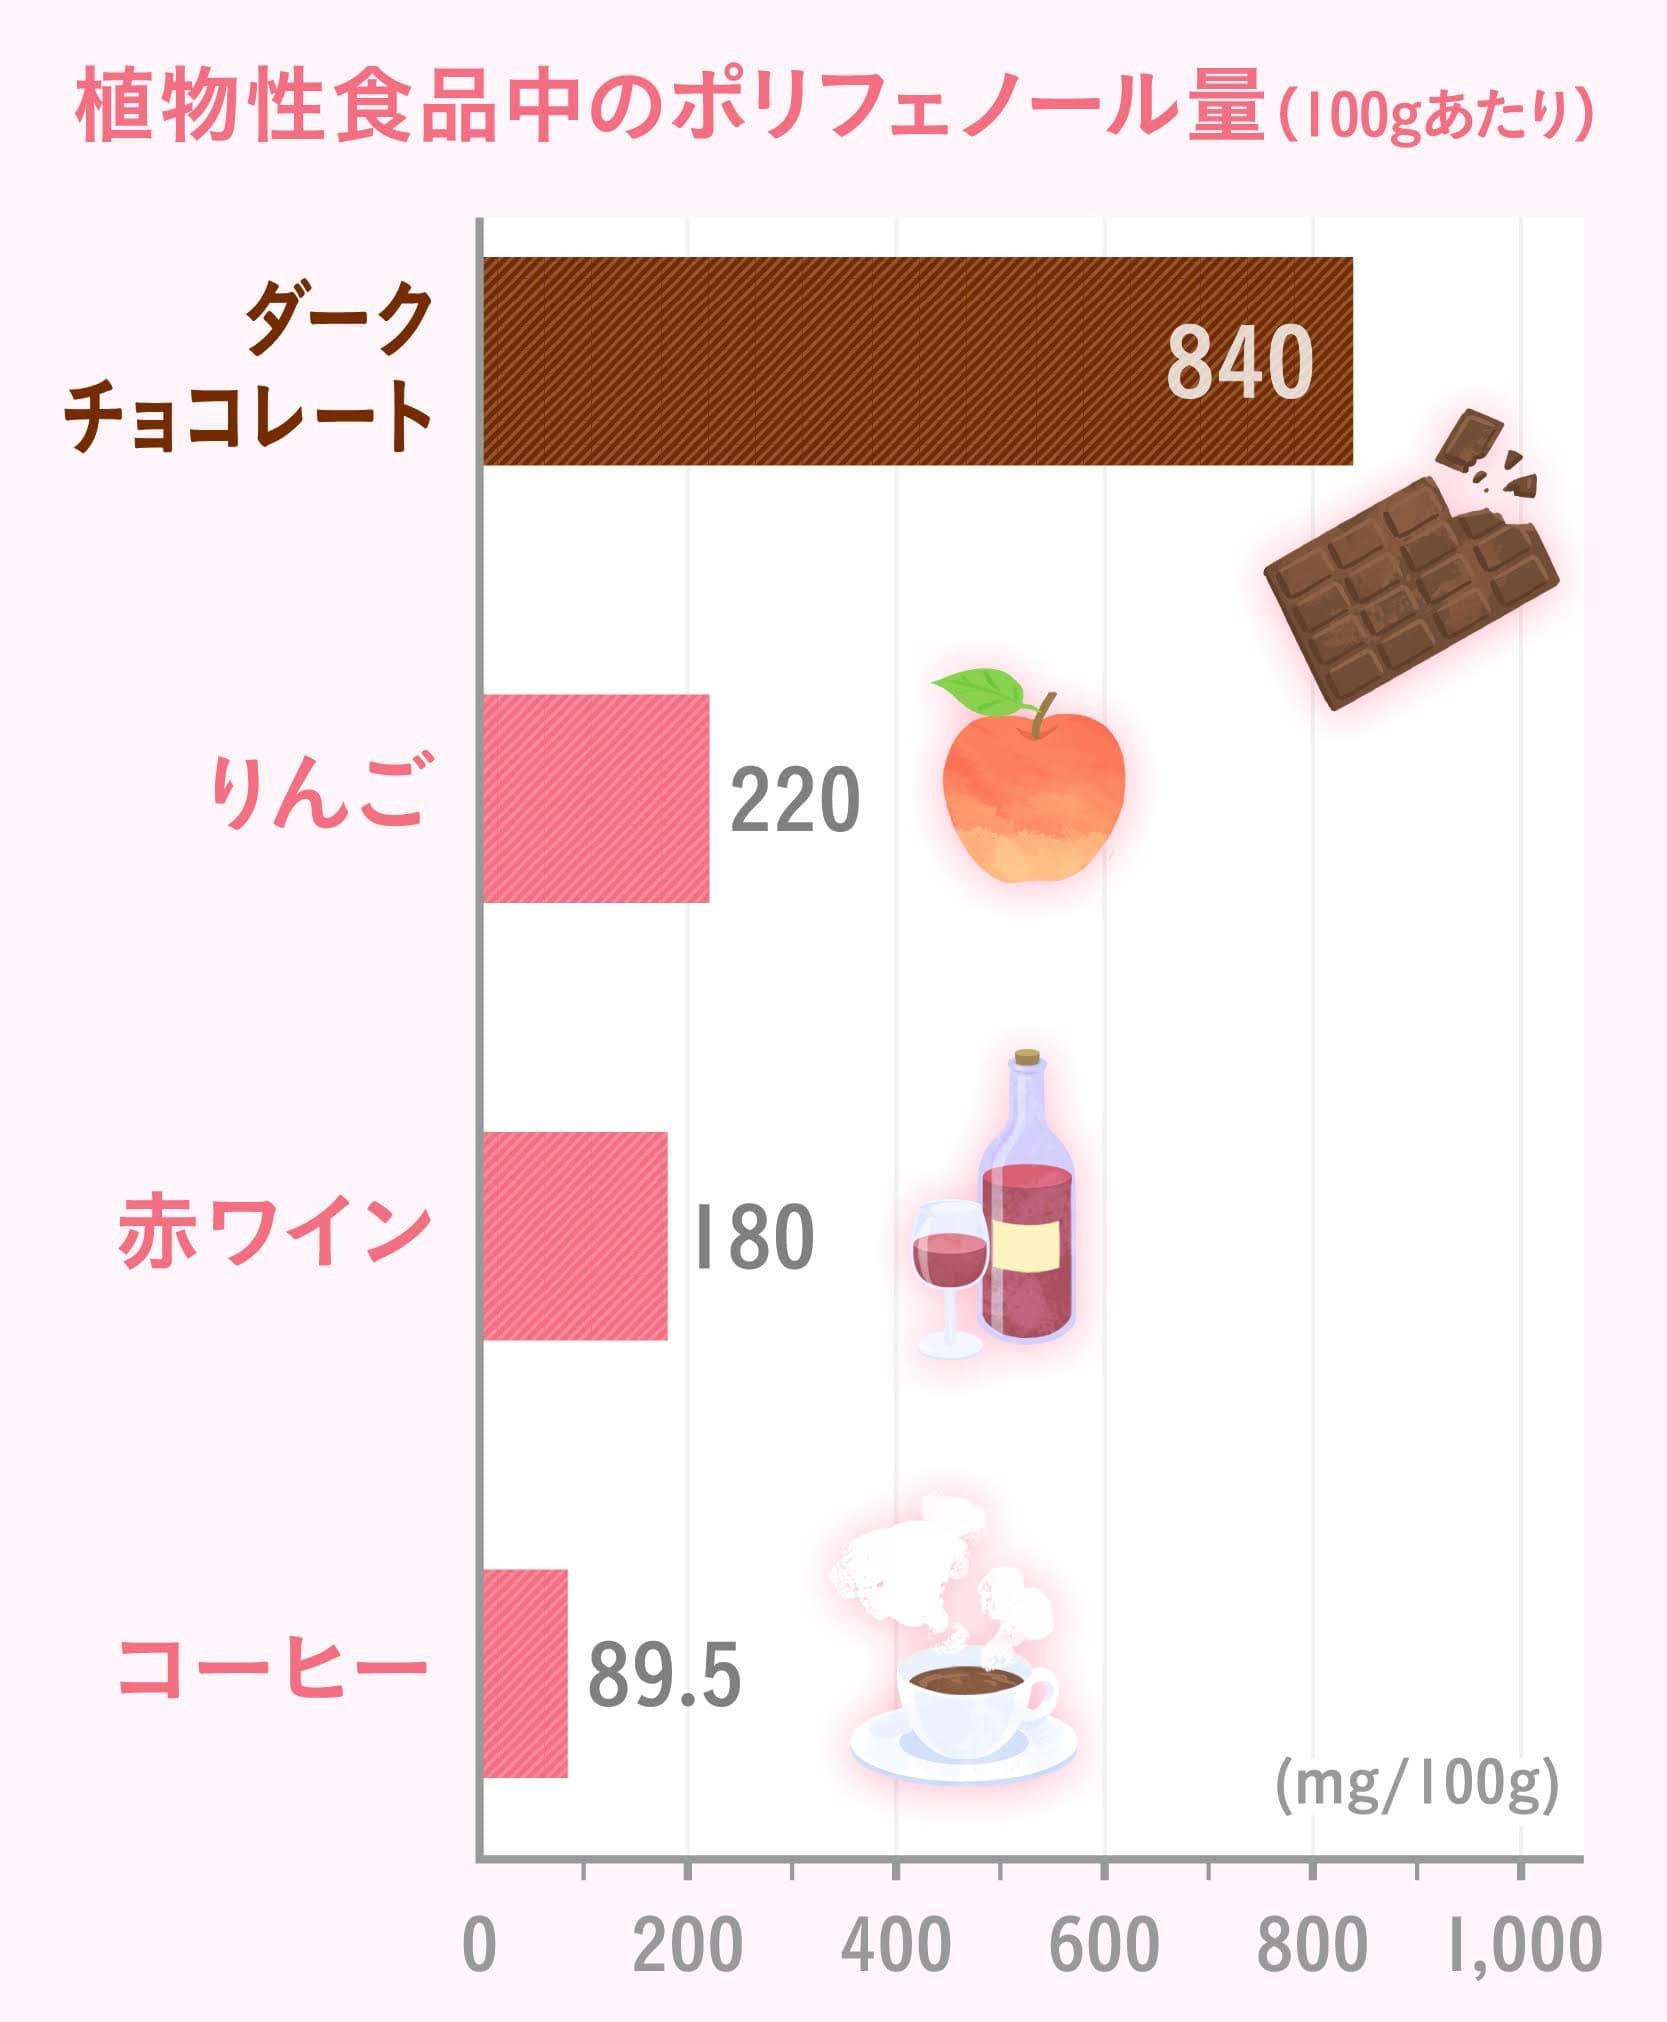 チョコレート_2-min.jpg